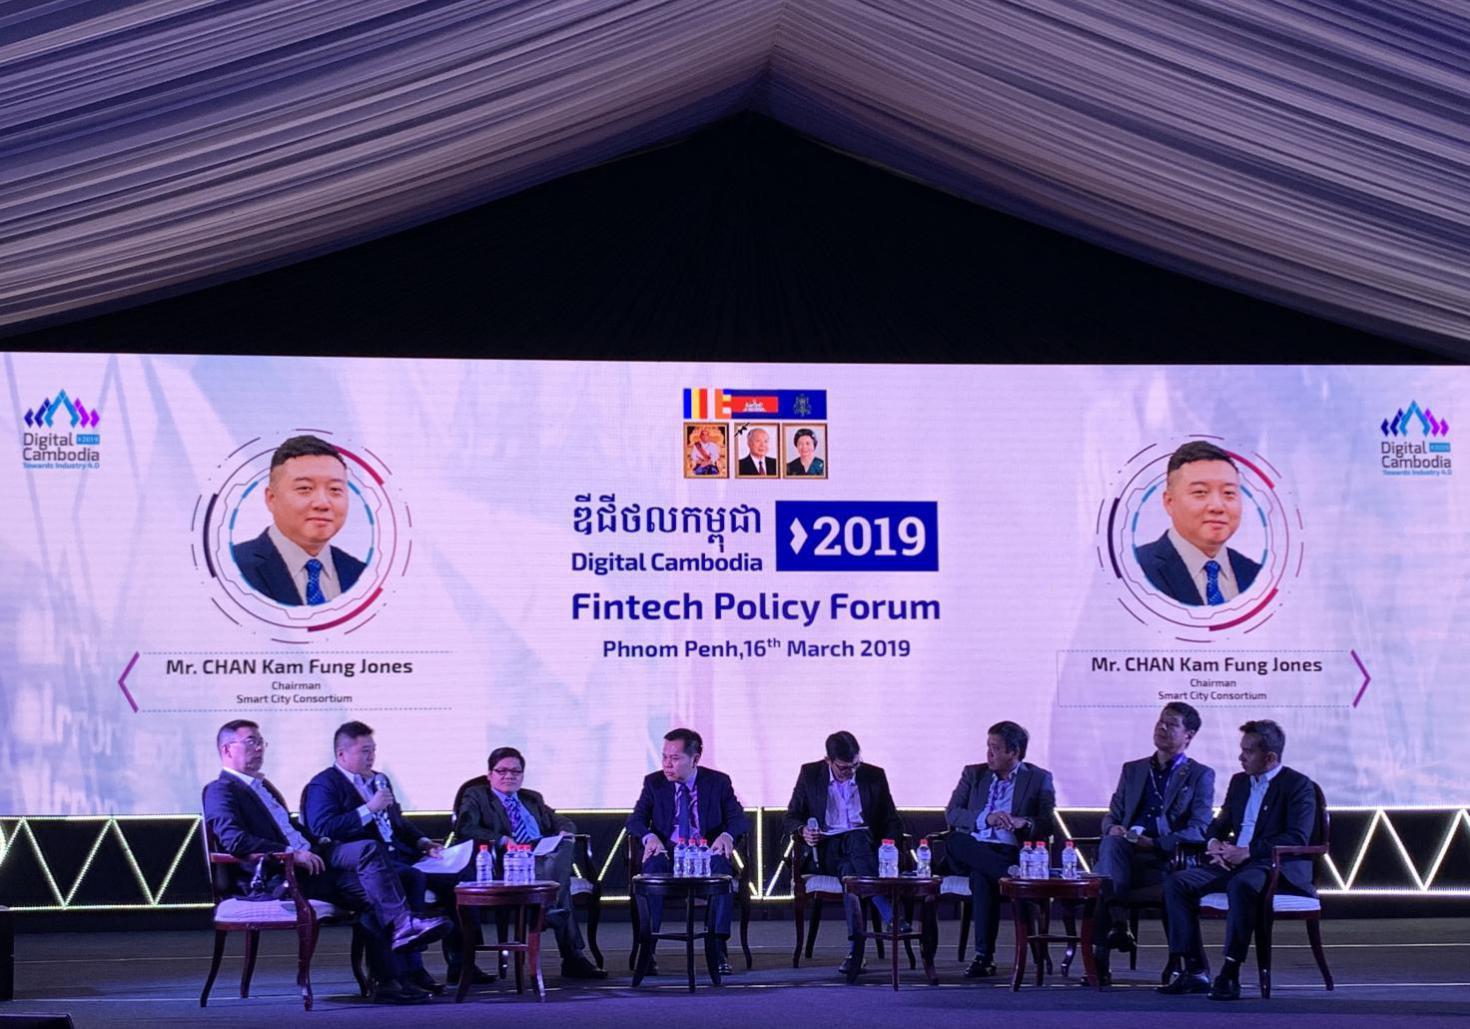 CAMDAX深度参与柬埔寨数字货币政策制定 将成持牌交易所